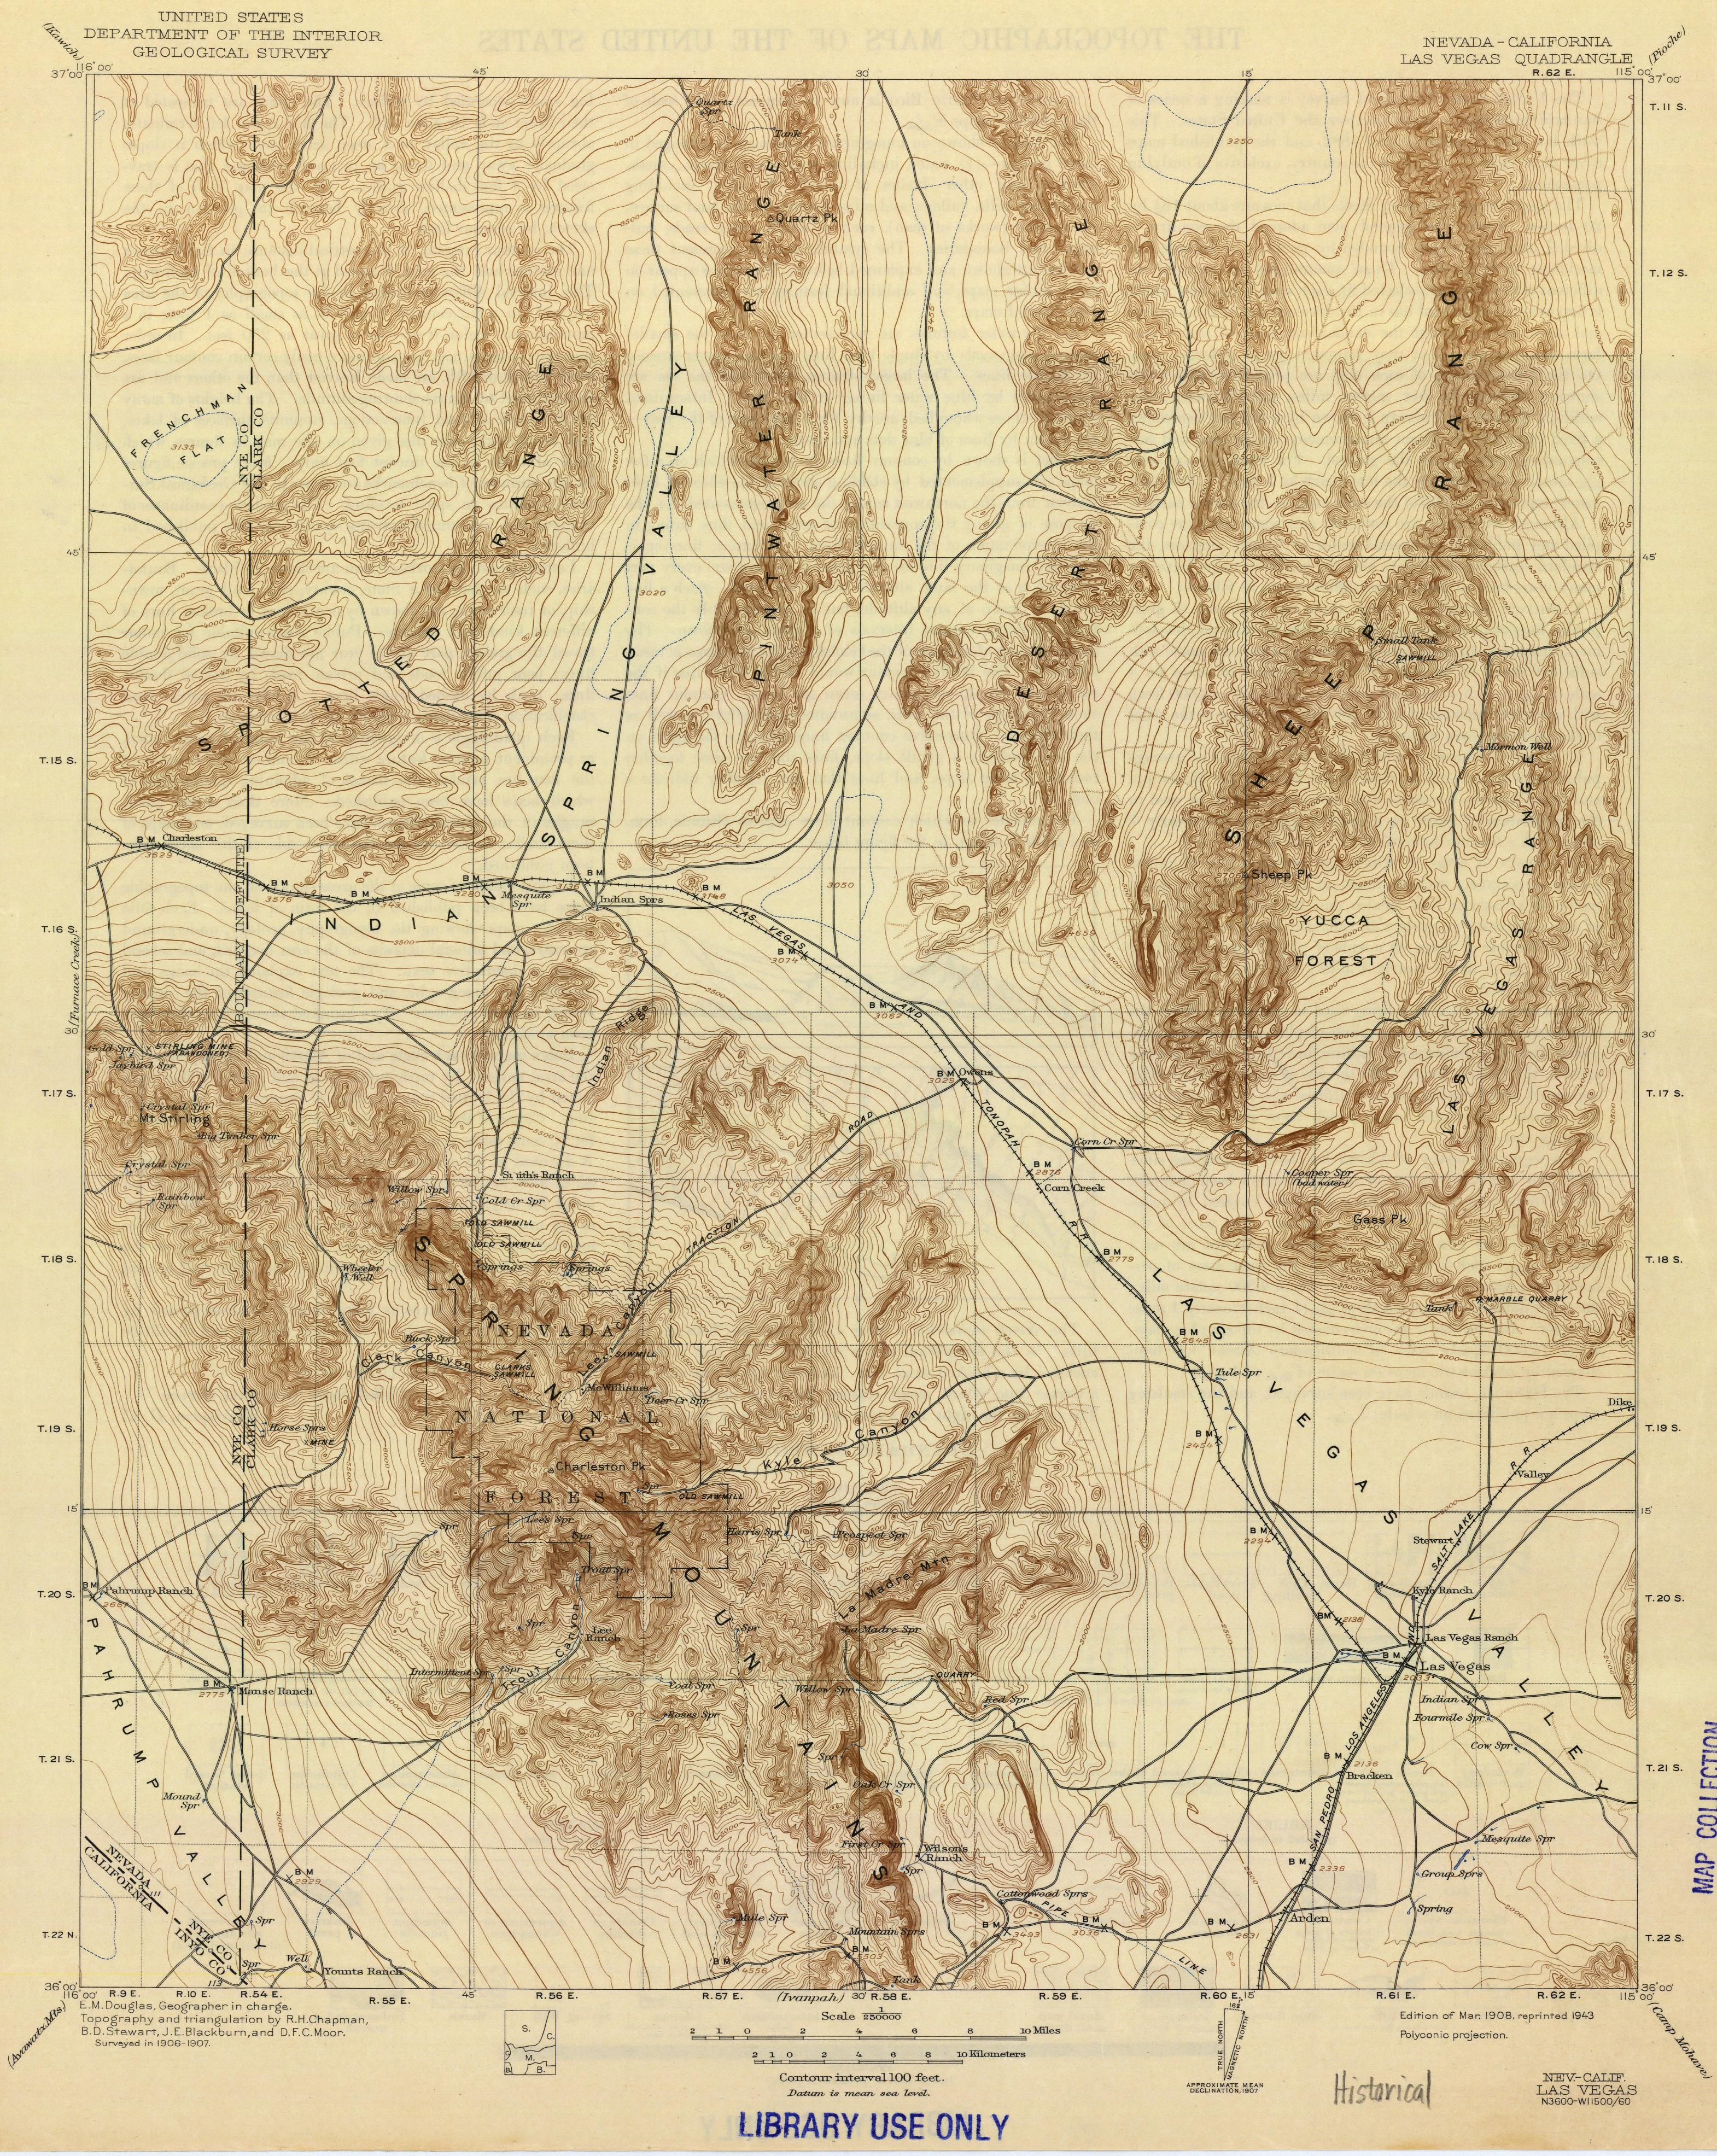 USGS Topo of Las Vegas, Nevada (1908)